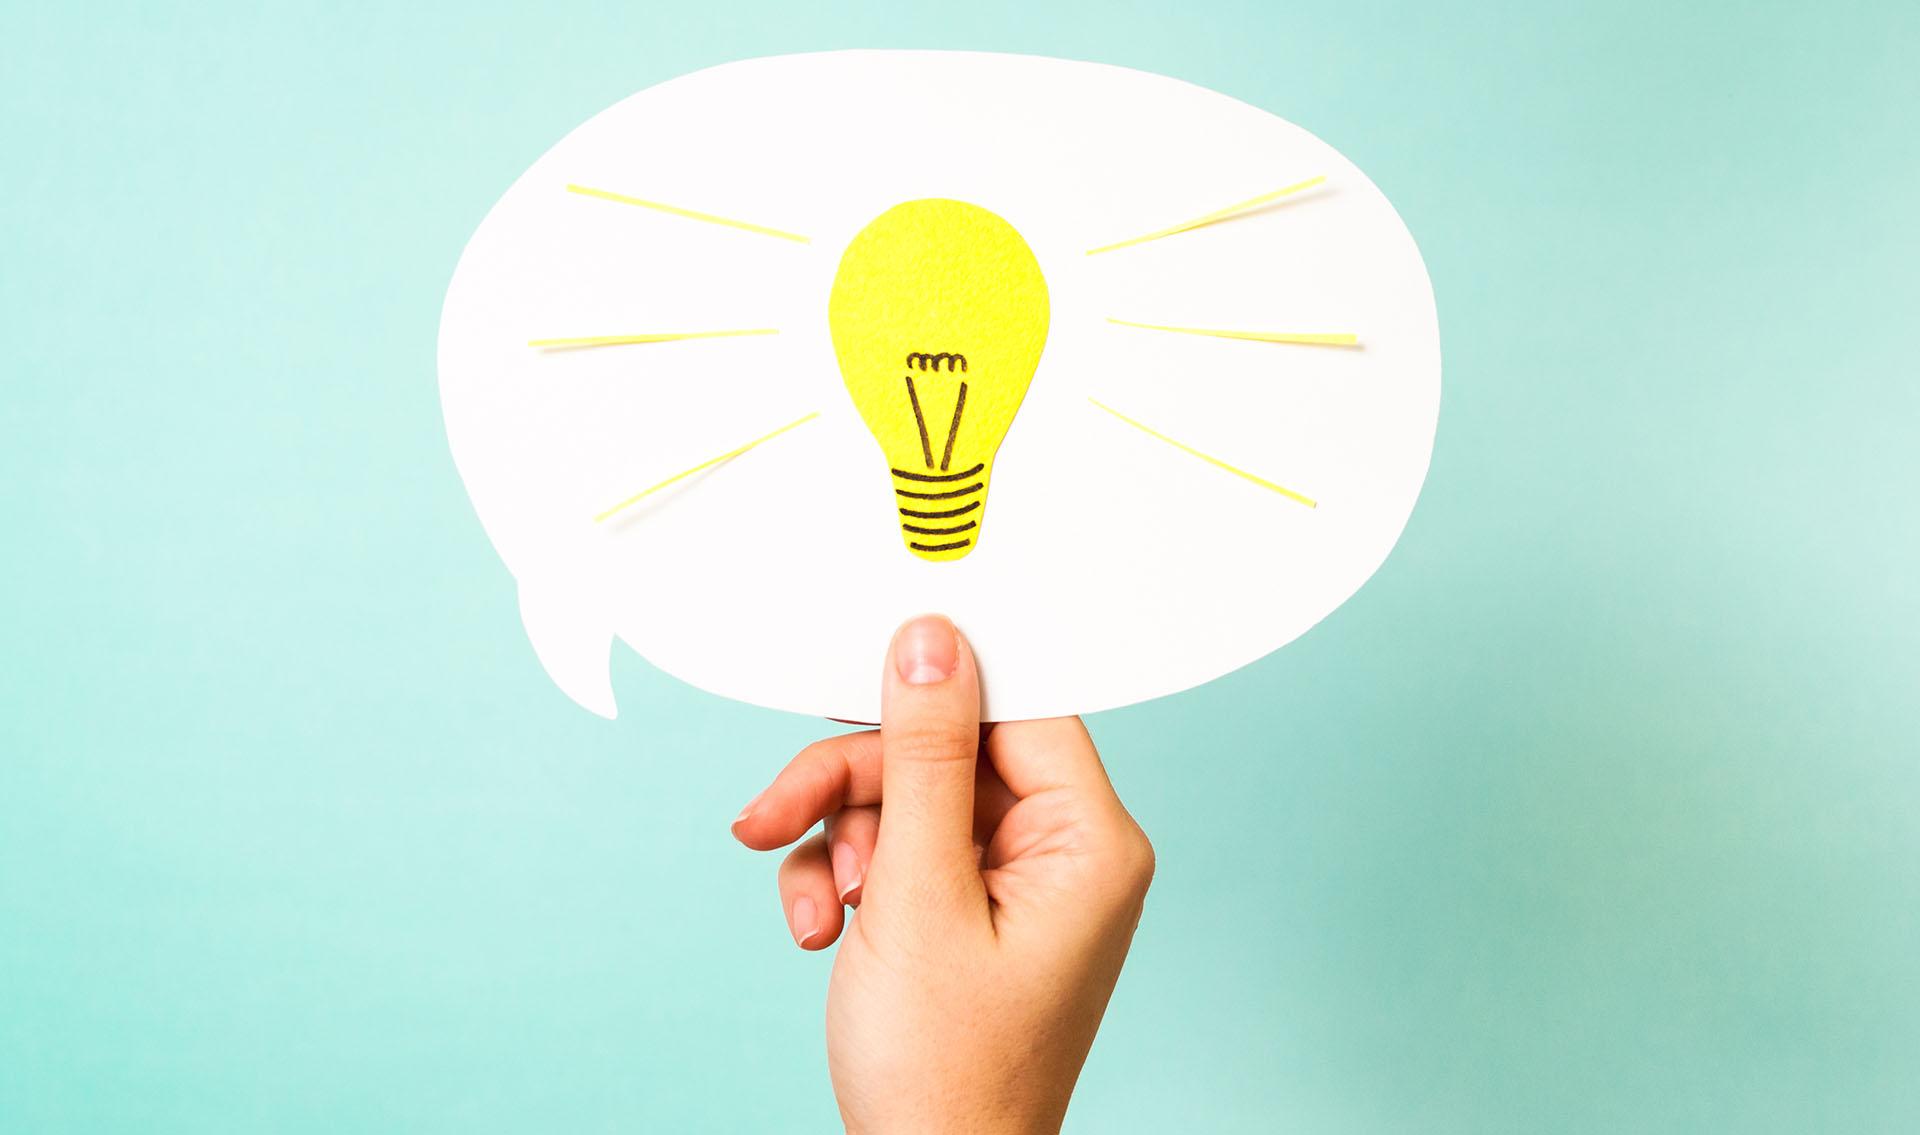 О чем вести блог: 32 идеи для начинающих